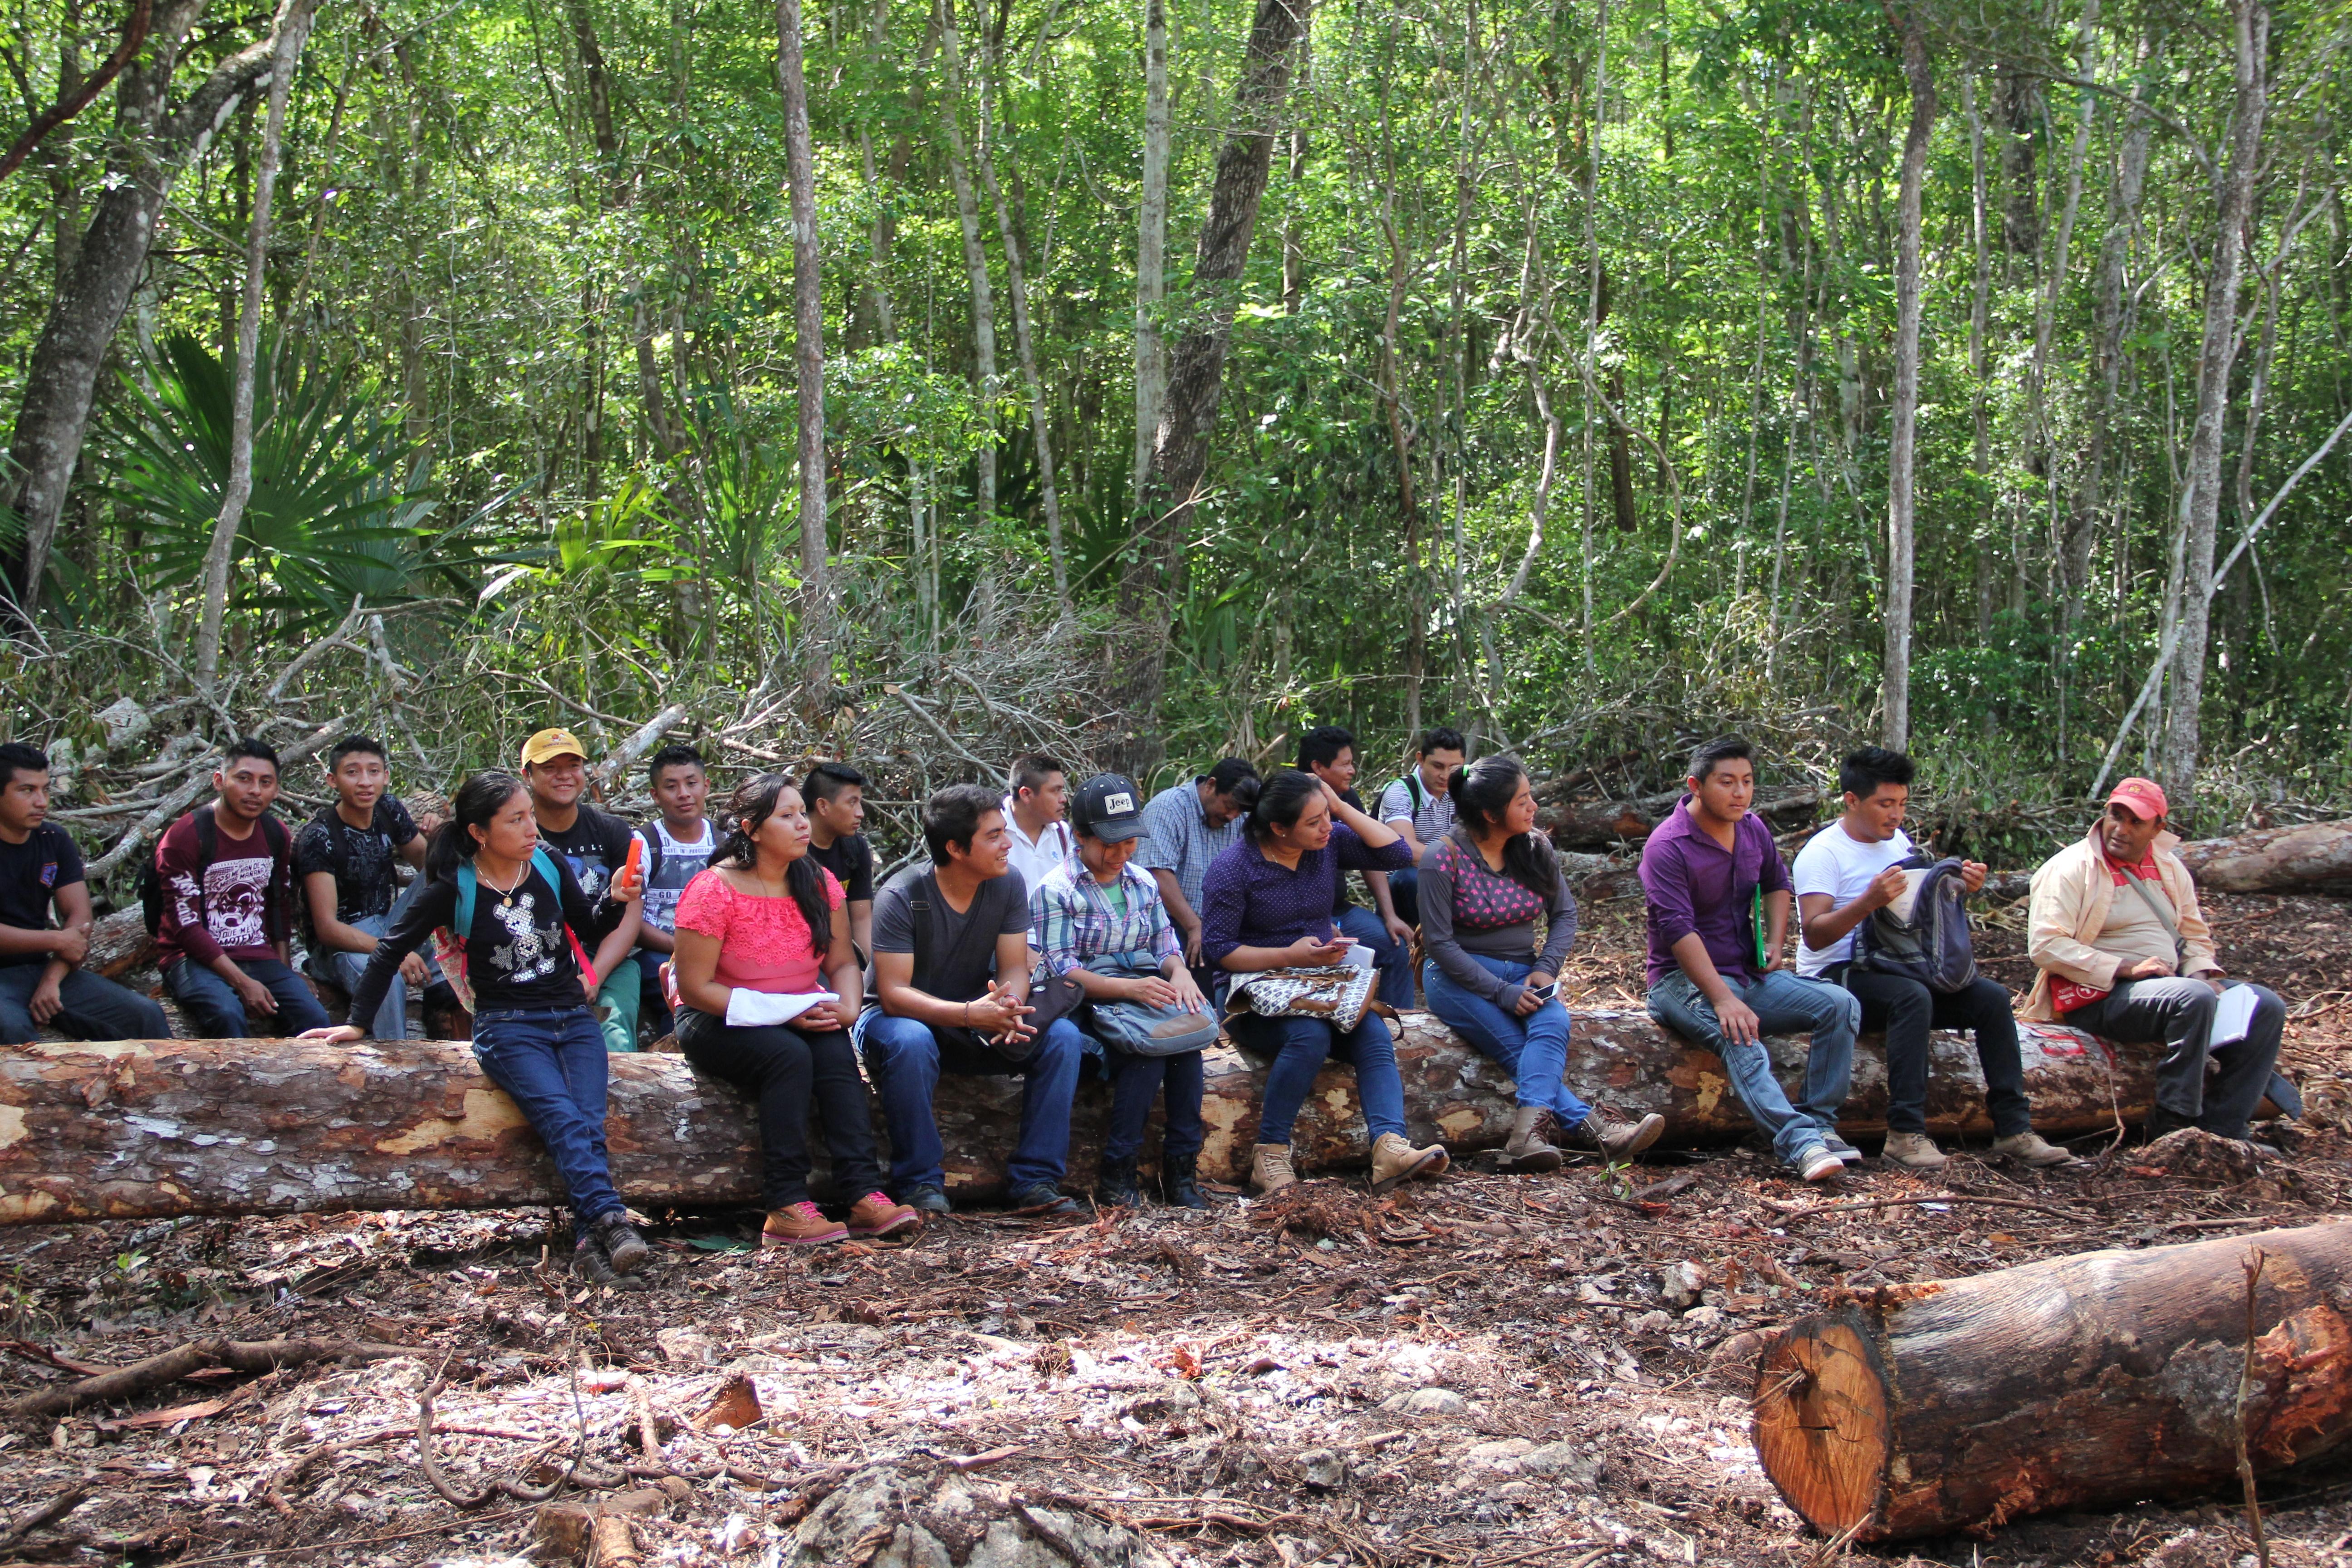 La participación de los jóvenes, mujeres y hombres, en la gestión y el aprovechamiento de los recursos naturales es fundamental para garantizar la resiliencia de las comunidades.